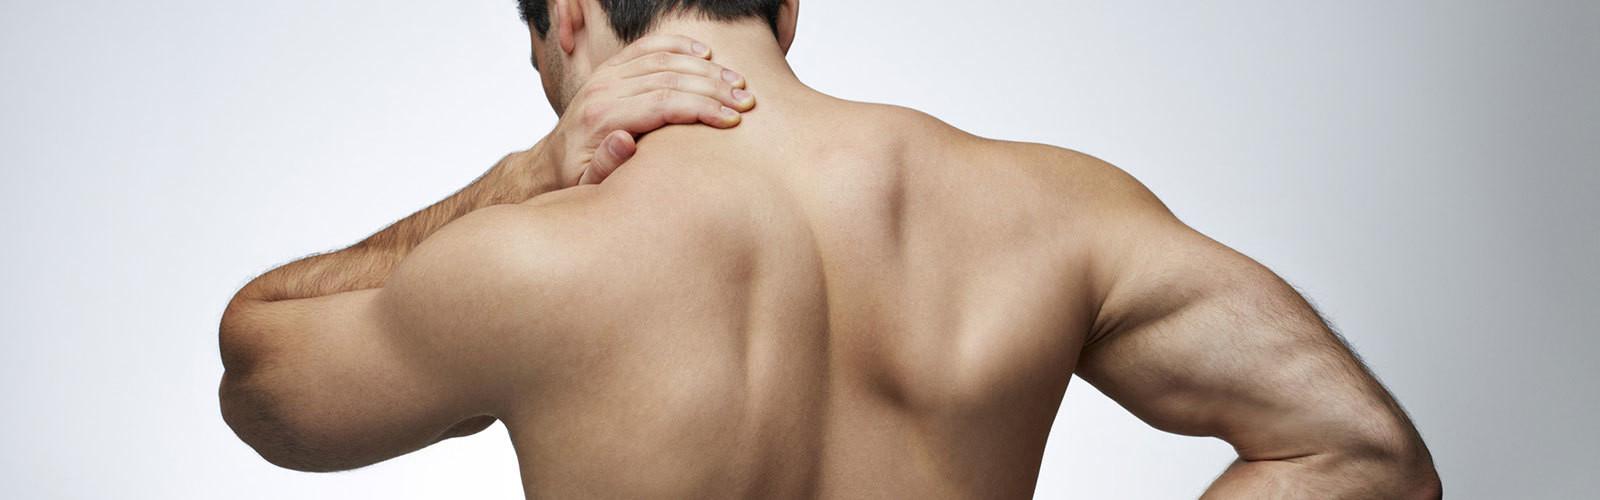 Back/Neck/Shoulders